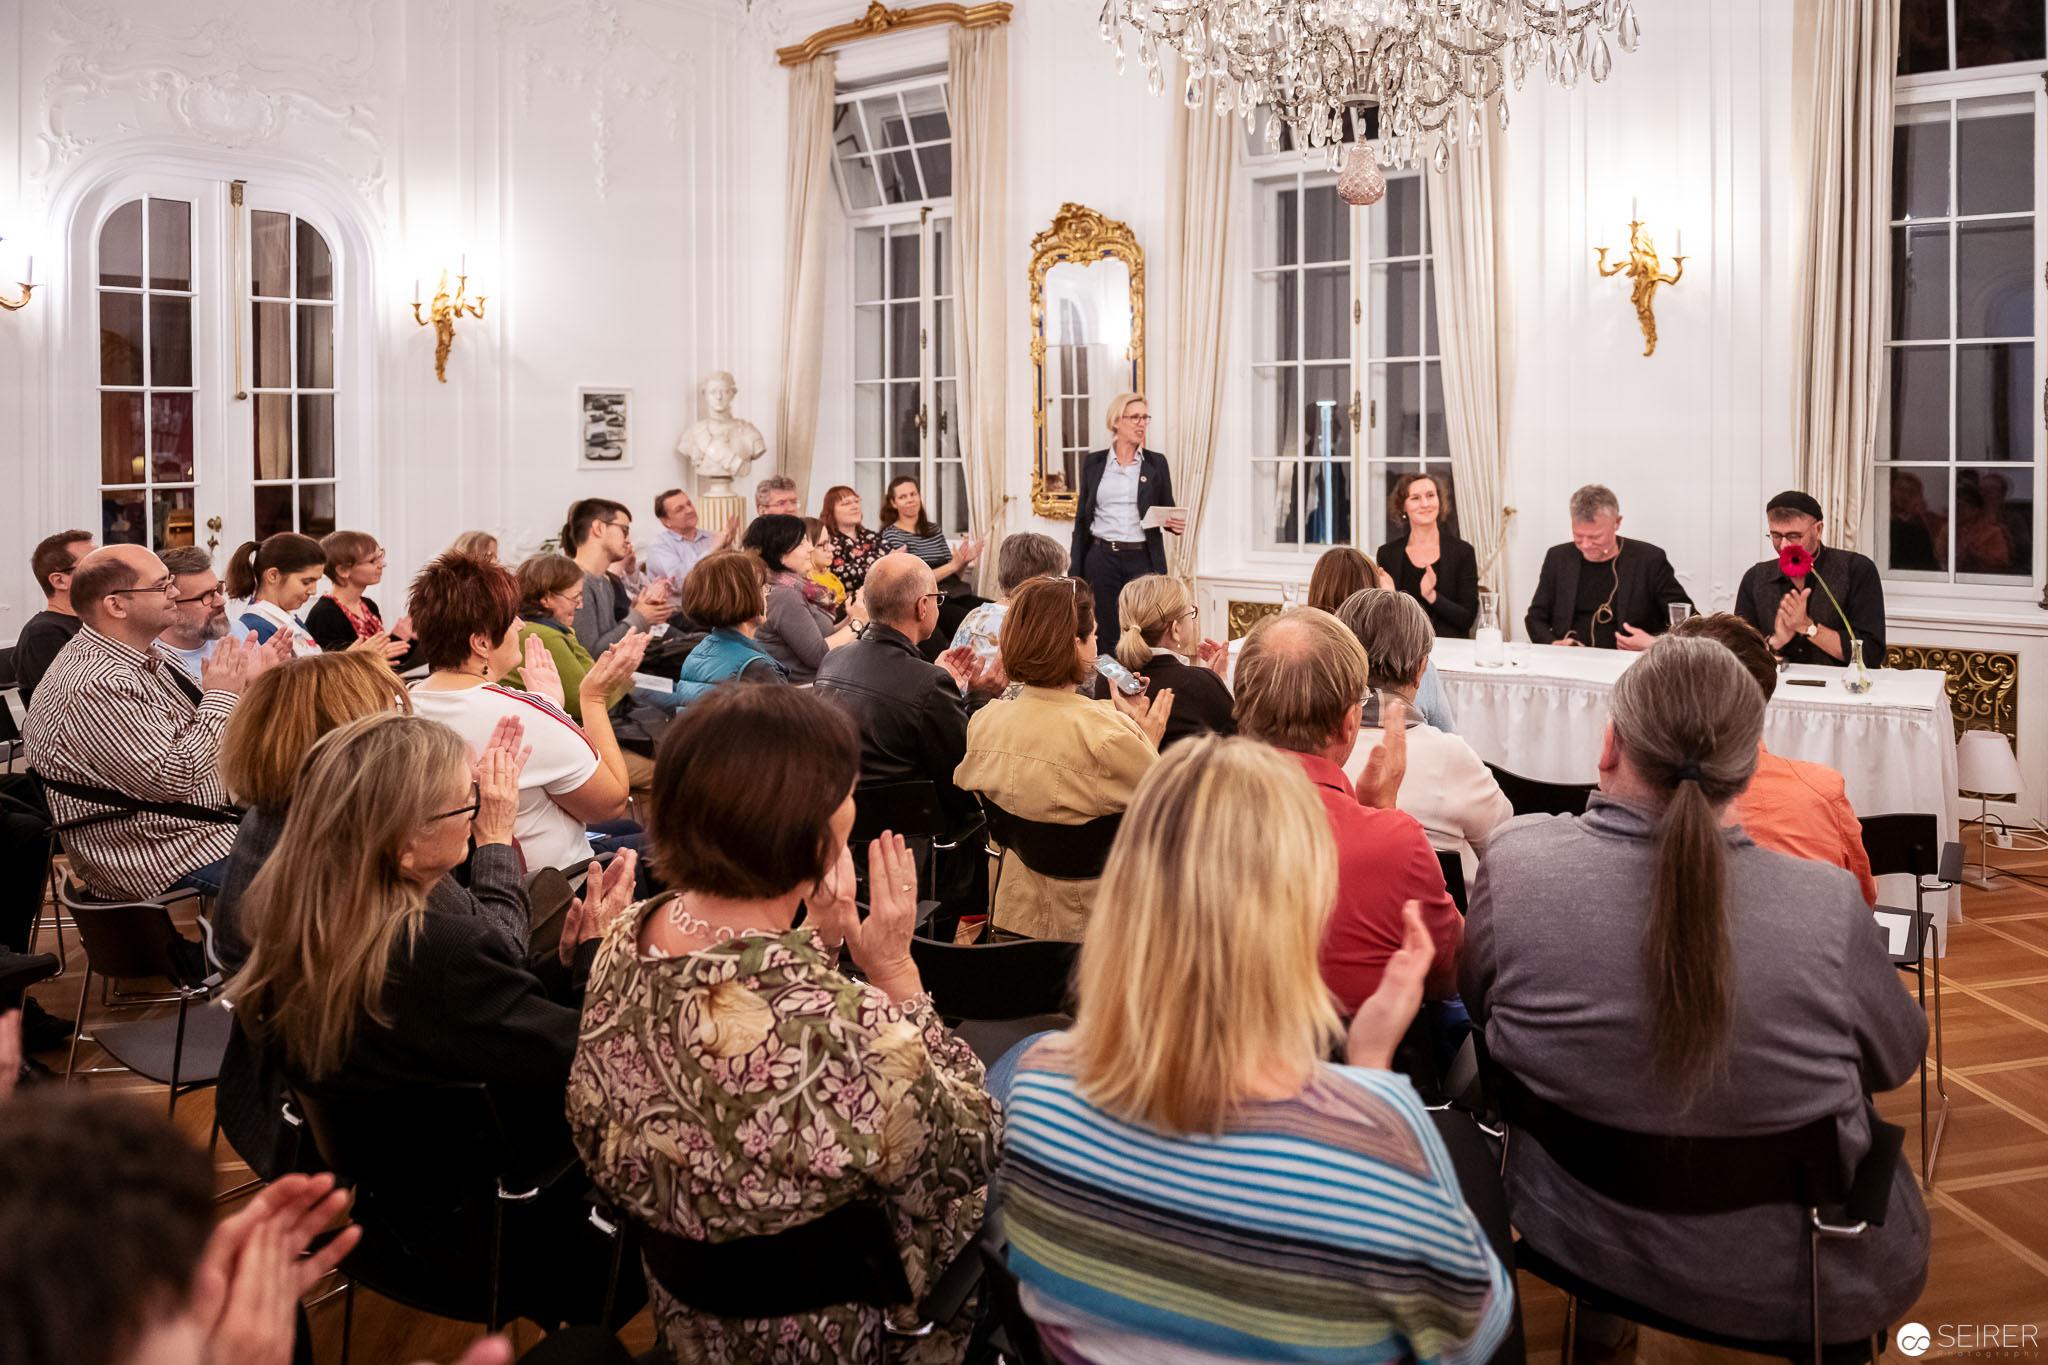 Arne Dahl Lesung in der Schwedischen Botschaft im Rahmen der BUCH WIEN 2018